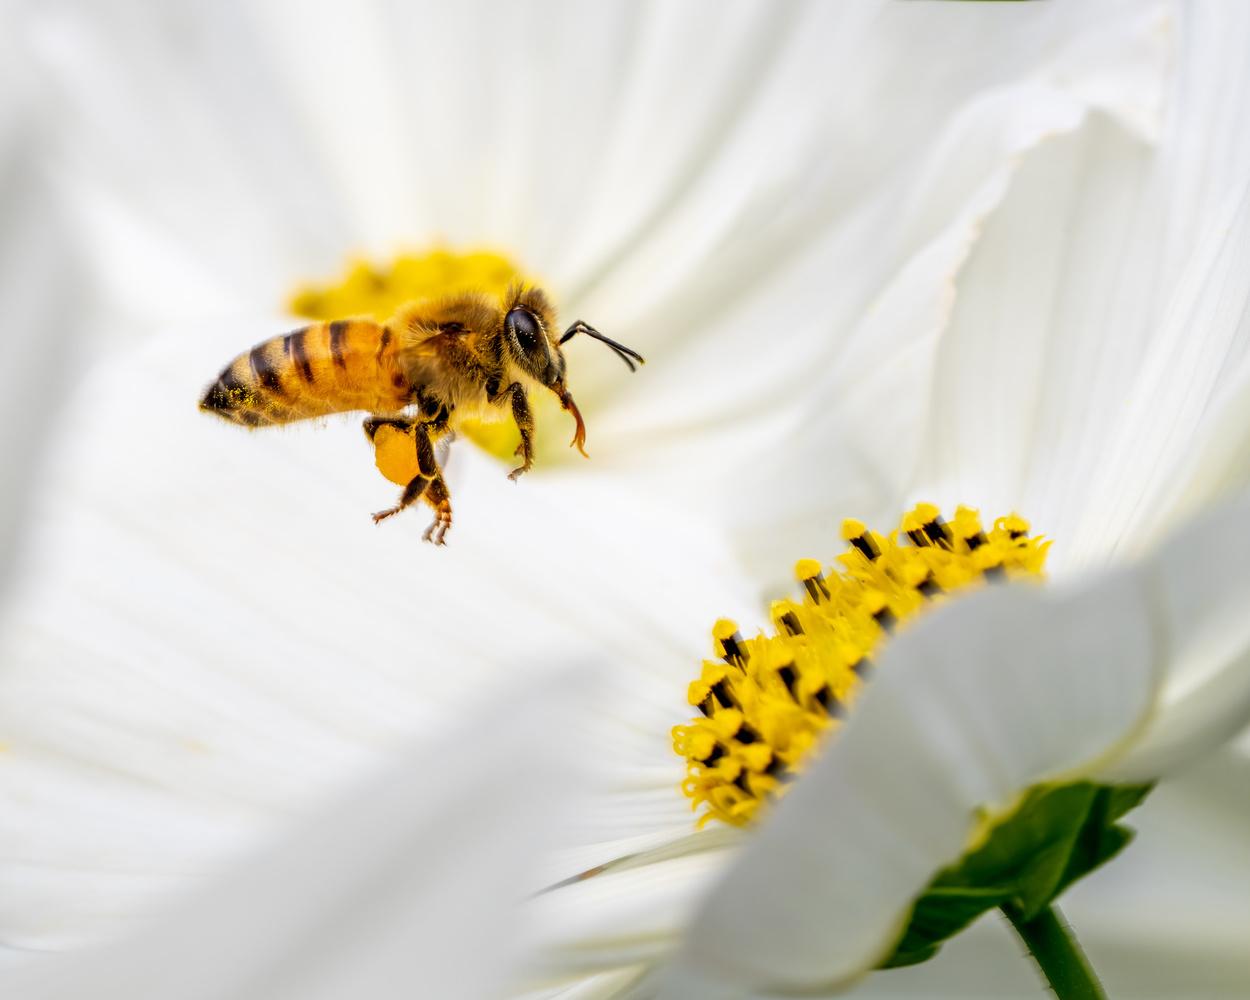 Bee mid flight by Skyler Ewing